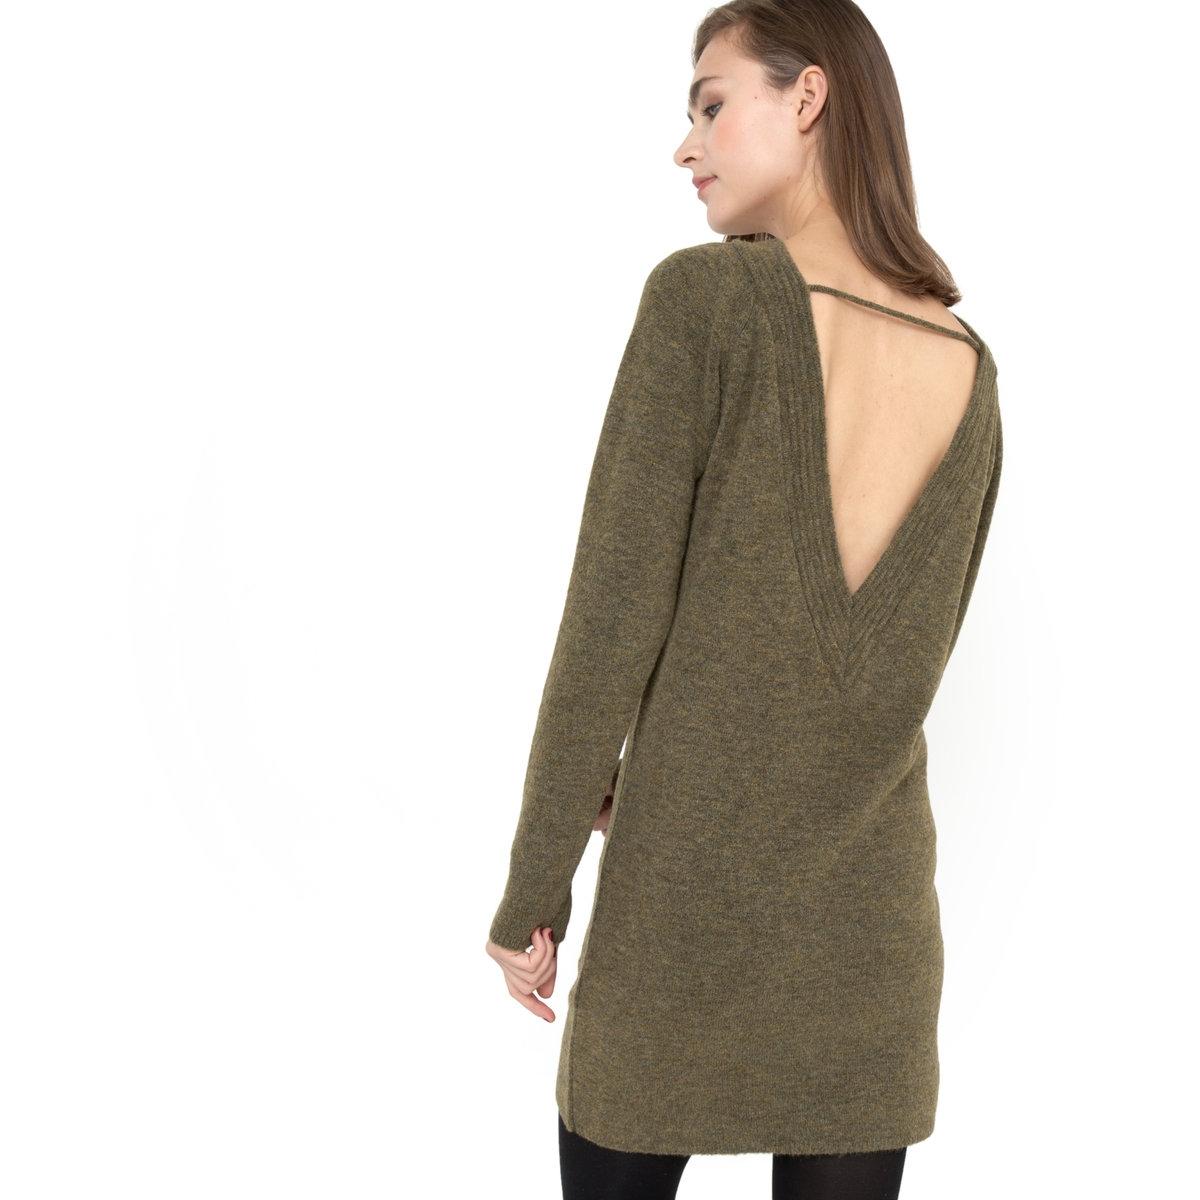 Платье из трикотажа с вырезом на спине ELISAПлатье ELISA - GAT RIMON. Платье с длинными рукавами из трикотажа с крапчатым узором. Круглый вырез спереди, глубокий V-образный вырез на спине с видимыми стежками. Поперечное соединение выреза на спине. Рукава реглан . Трикотаж 68% акрилового волокна, 30% полиамида, 2% эластана .<br><br>Цвет: хаки